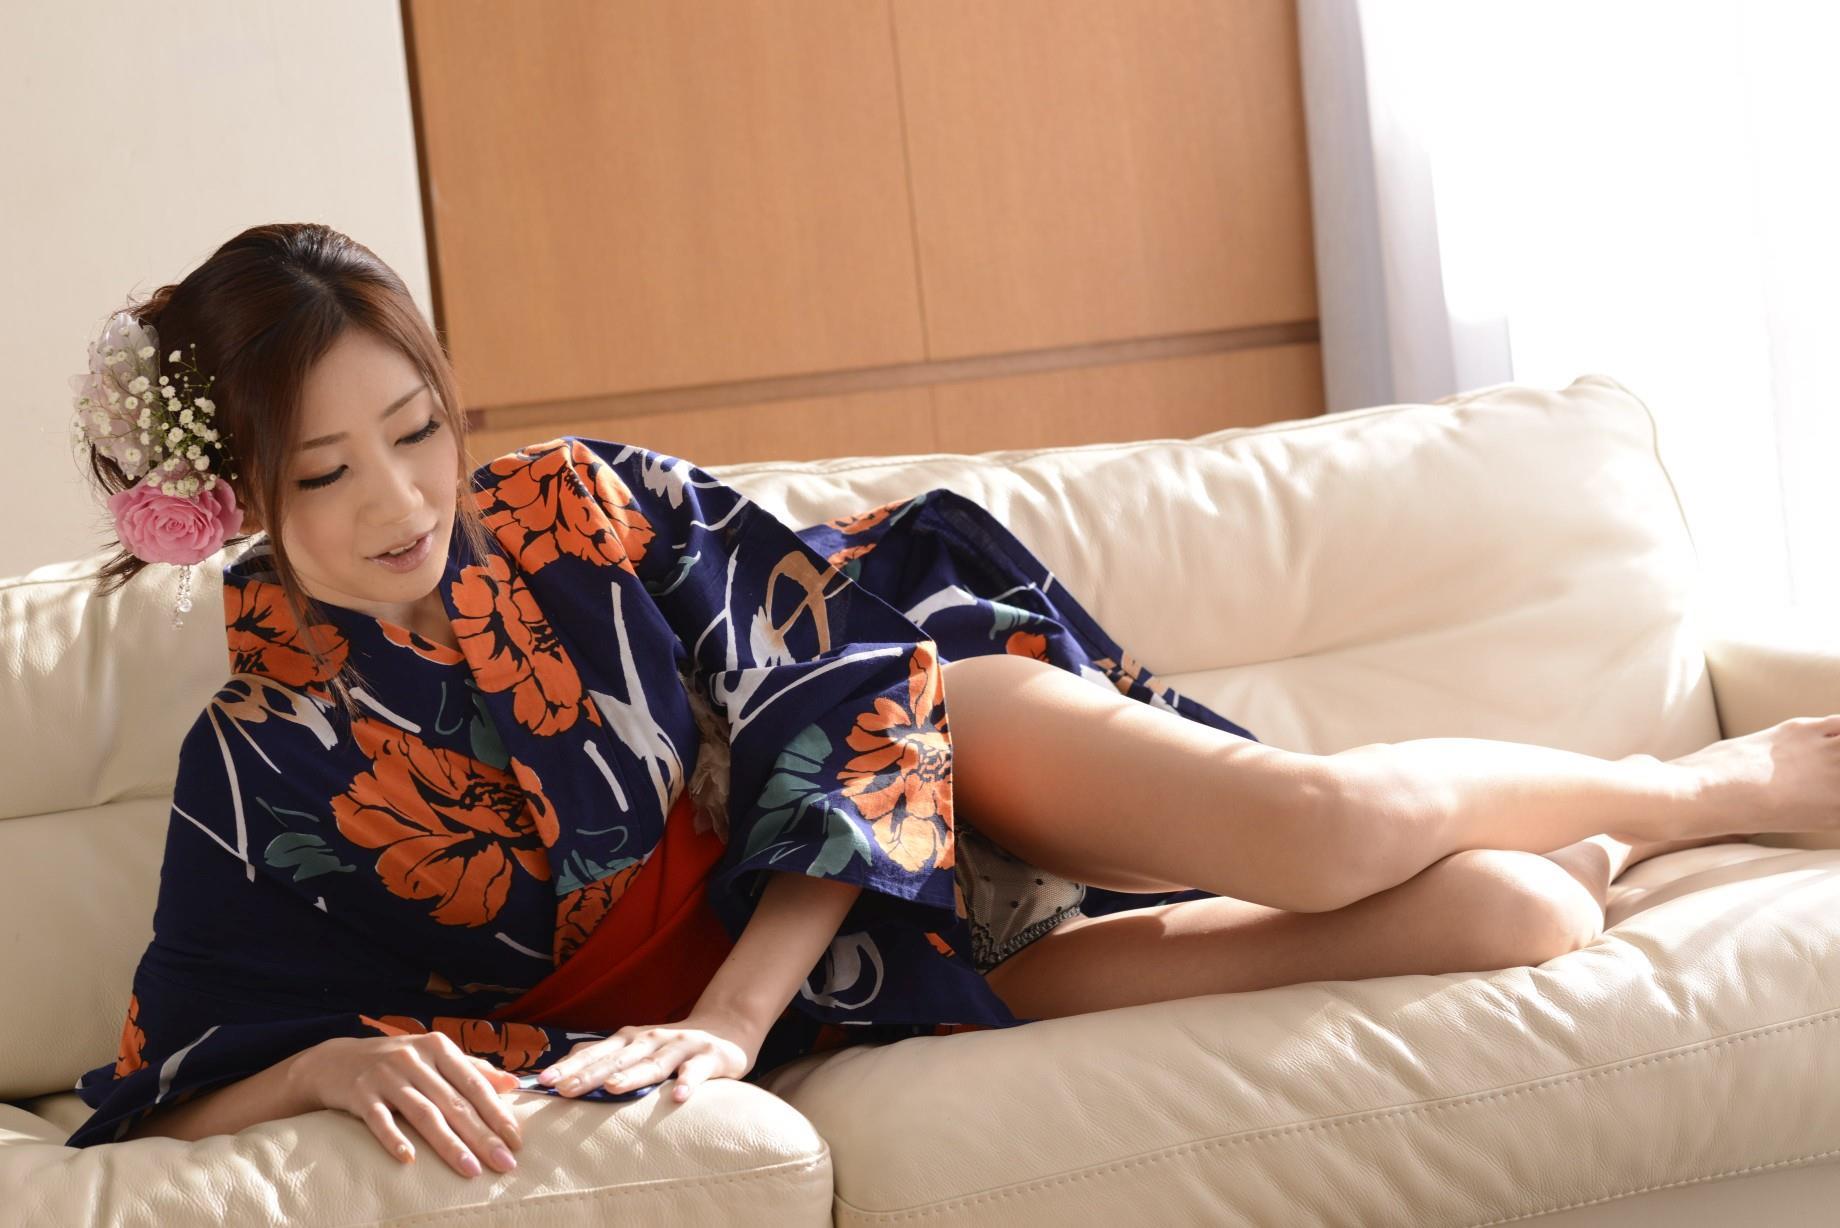 前田かおり エロ画像 33